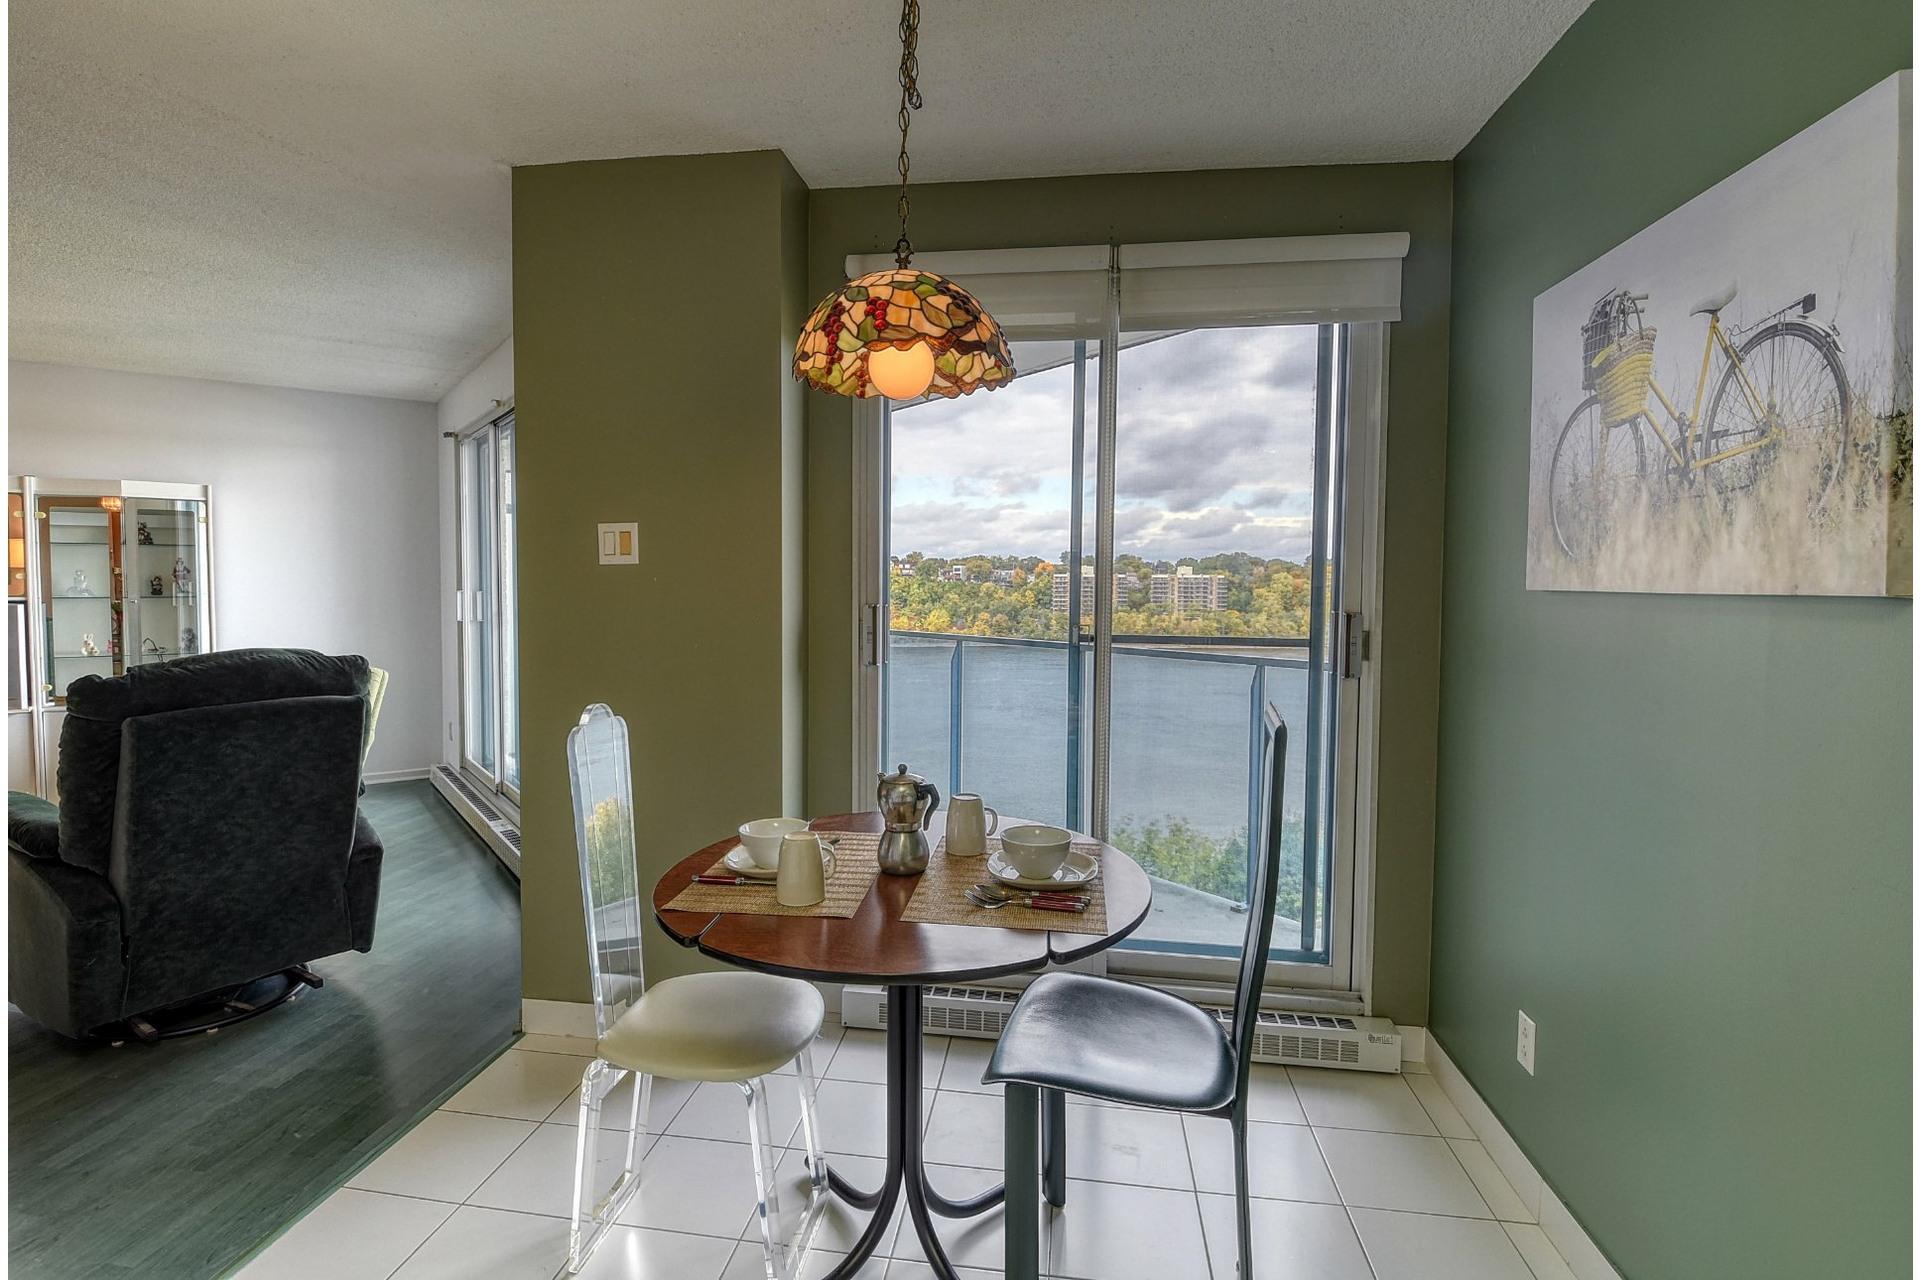 image 5 - Appartement À vendre Montréal-Nord Montréal  - 6 pièces